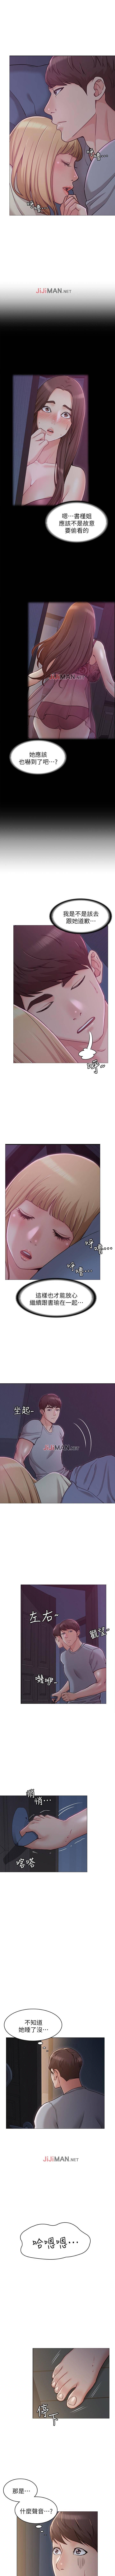 【周六连载】女友的姐姐(作者:橡果人&獵狗) 第1~23话 23